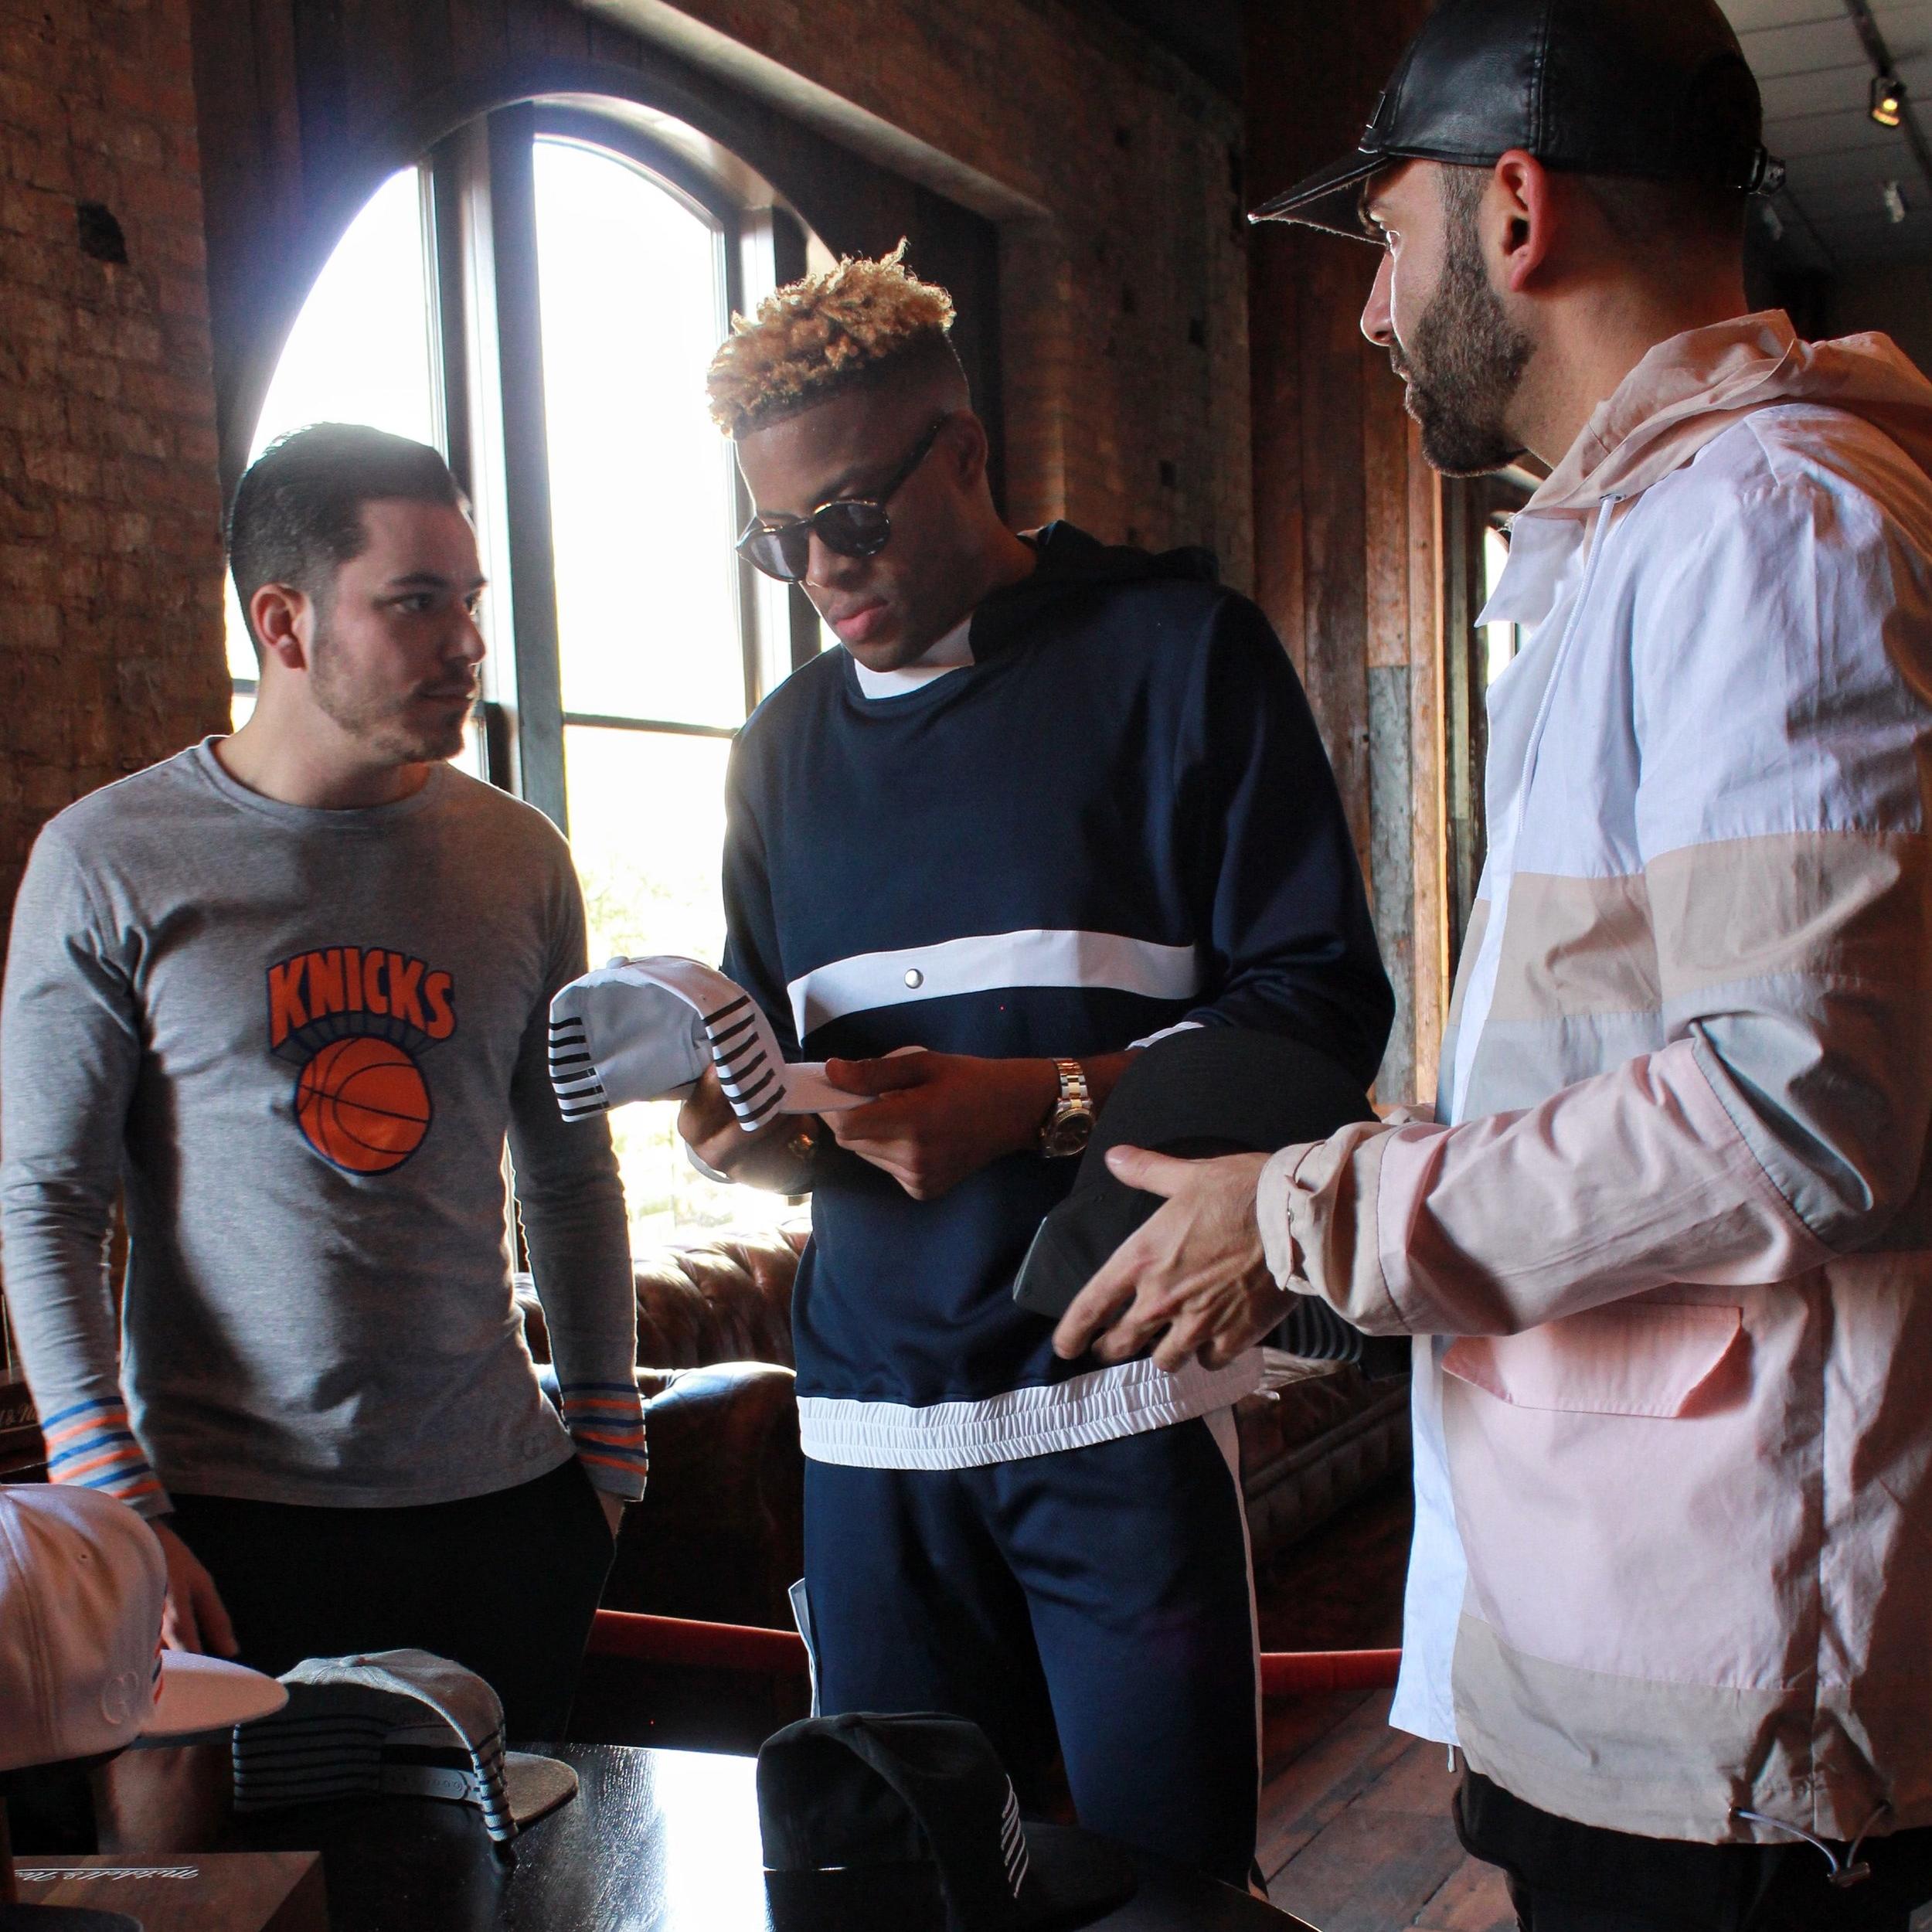 Grungy Gentleman x Mitchell Ness NBA All Star Weekend New Orleans 4-min.jpg